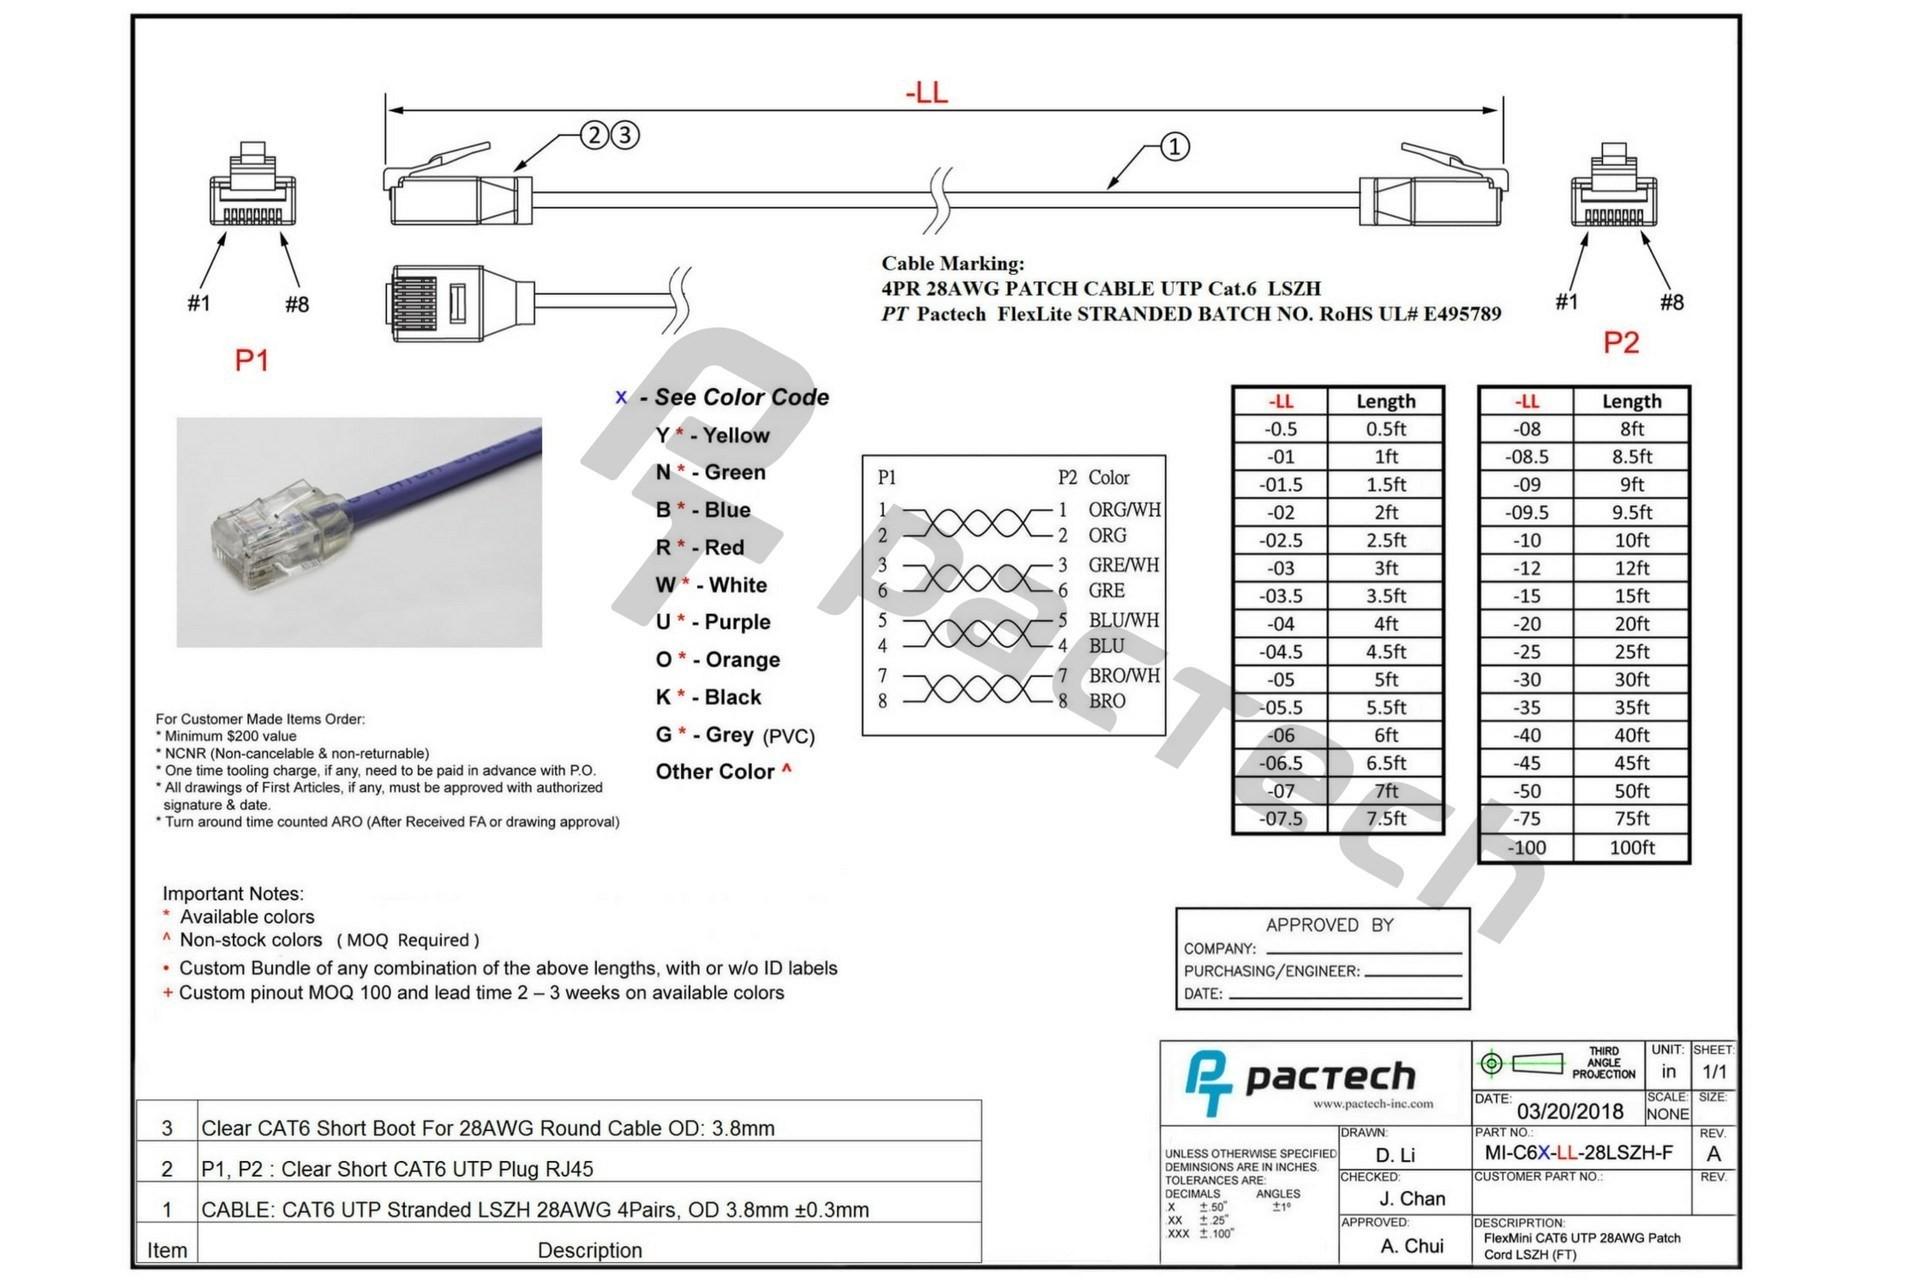 Rj45 Jack Wiring Diagram Boot Rj45 Diagram Wiring Diagram Datasource Of Rj45 Jack Wiring Diagram Rj45 Wiring Diagram Albertasafety